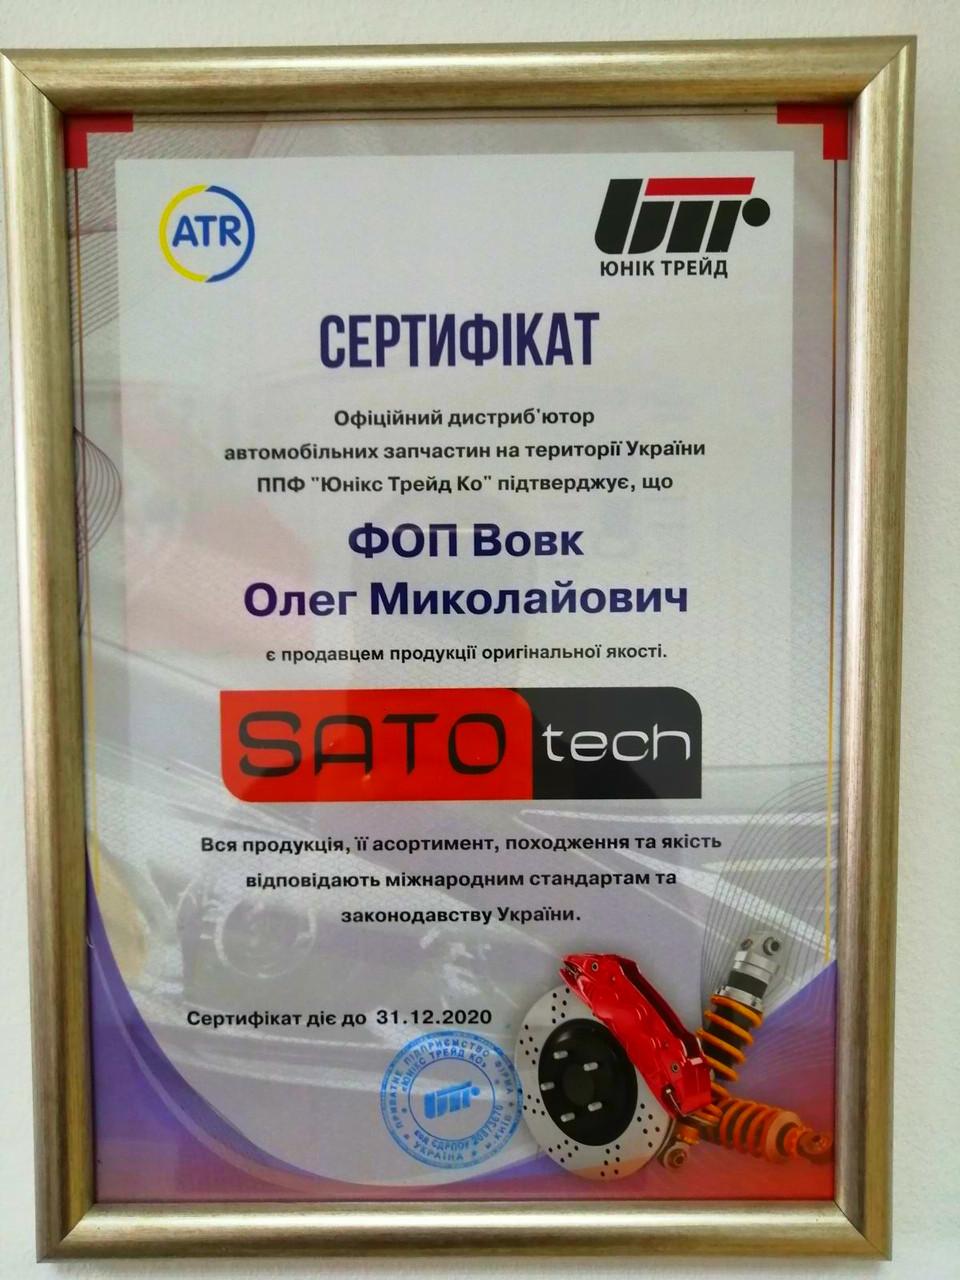 SATO Амортизатор Kia Carens 06-